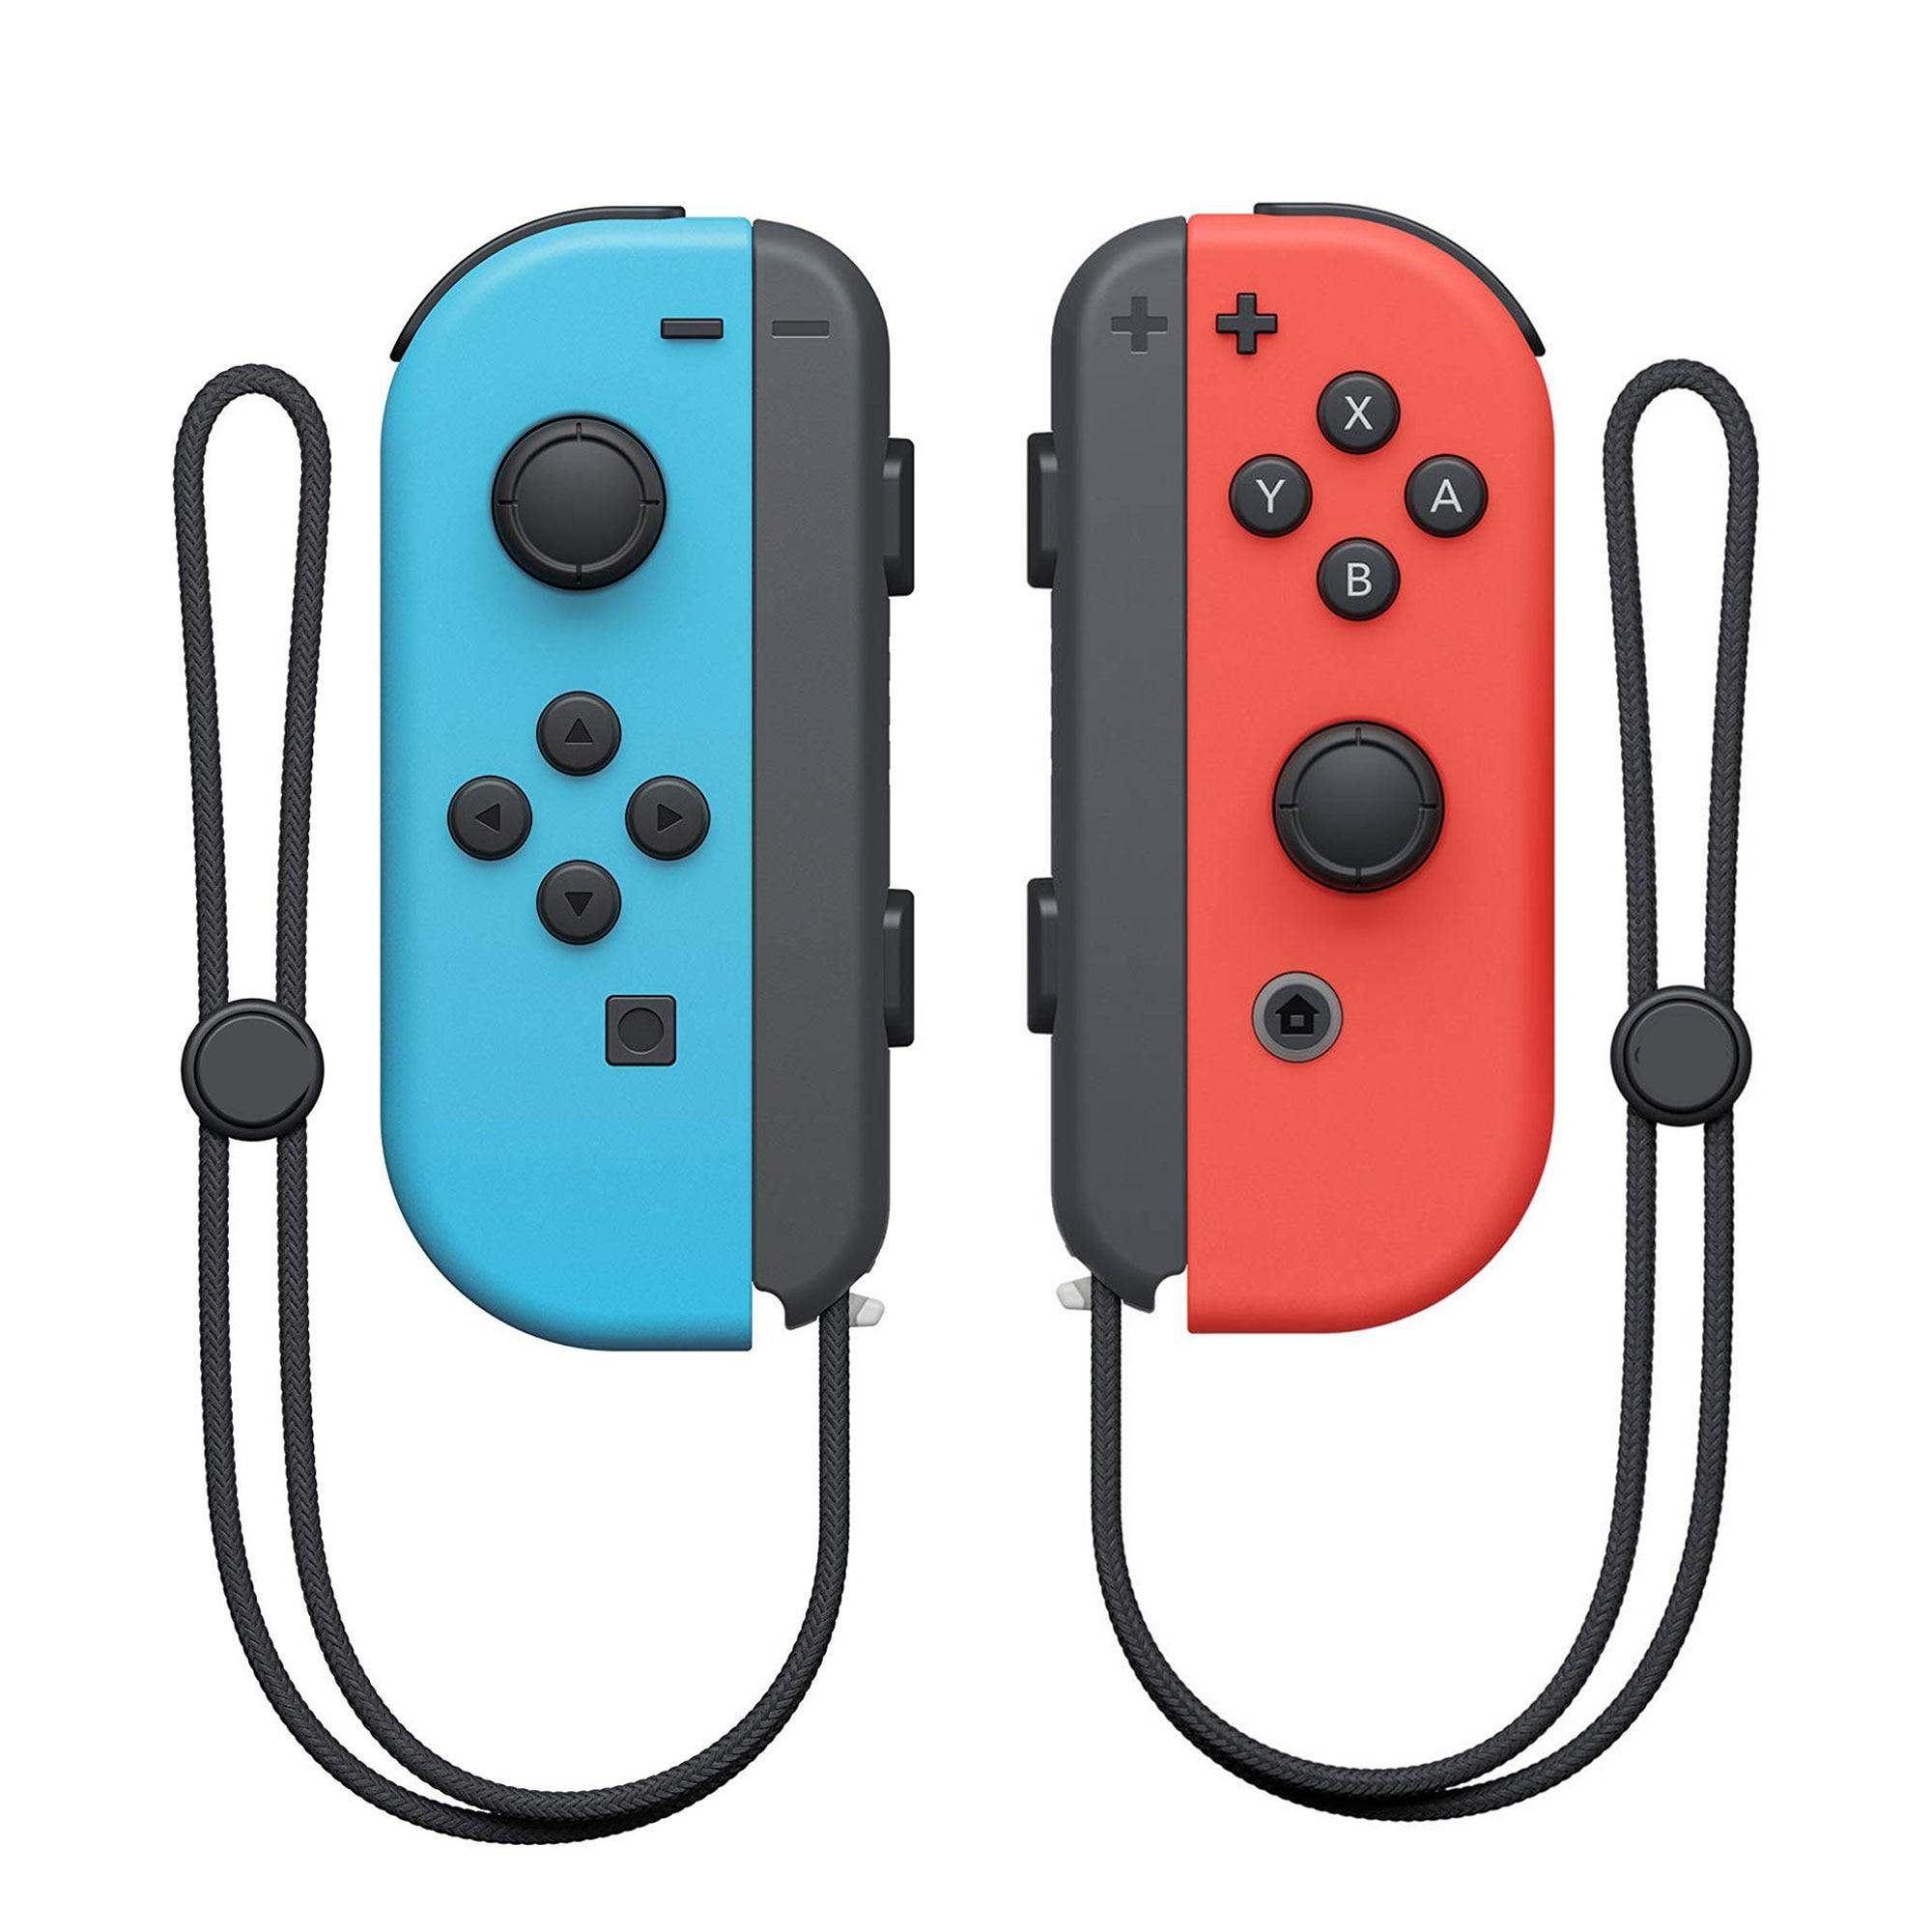 Mando de juegos Bluetooth para Nintendo Switch Joy-Con (L/R) controlador para interruptor de correa de Joysticks inalámbricos